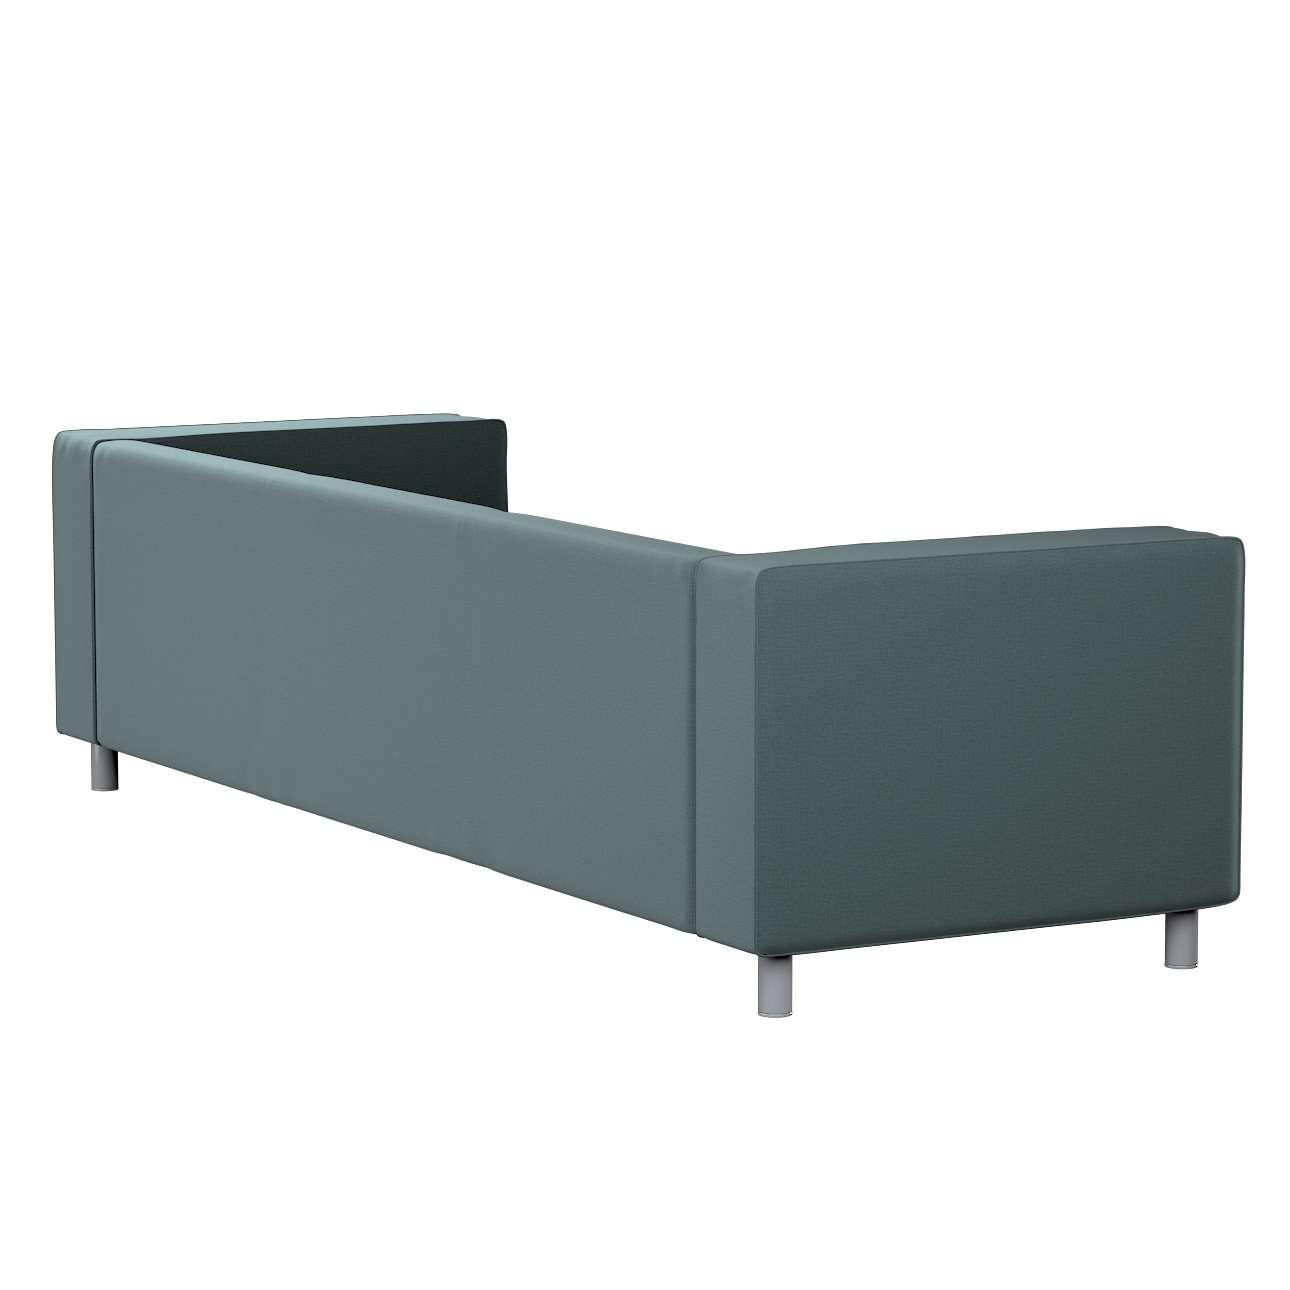 Pokrowiec na sofę Klippan 4-osobową w kolekcji Ingrid, tkanina: 705-36